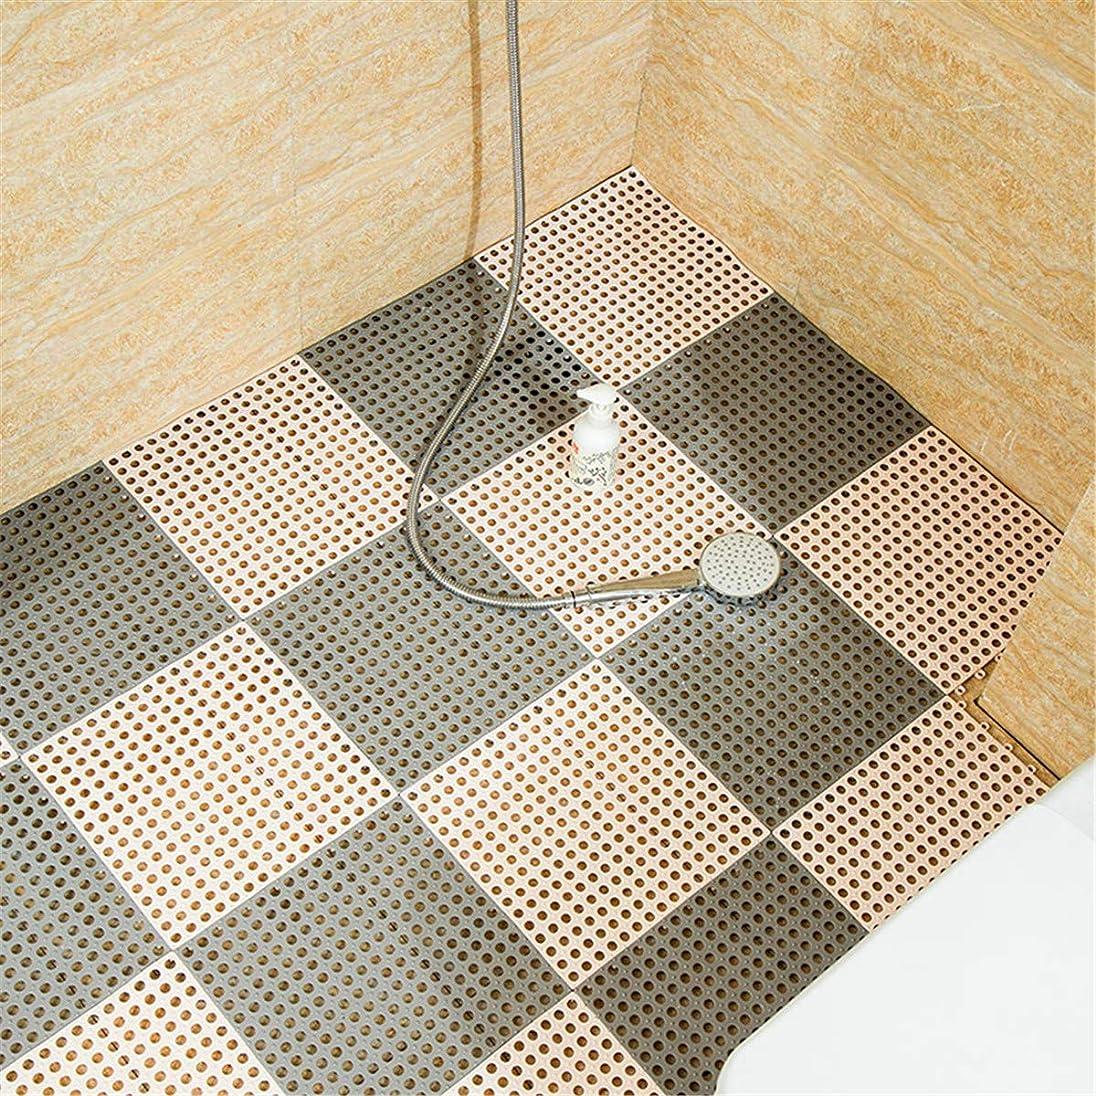 略奪ヘア錆びQD-SGMP 風呂マット バスルームマット キッチンマット 滑り止めマット 30X30CM 転倒防止 介護用 浴槽用 DIY防水マット PEマット 無臭